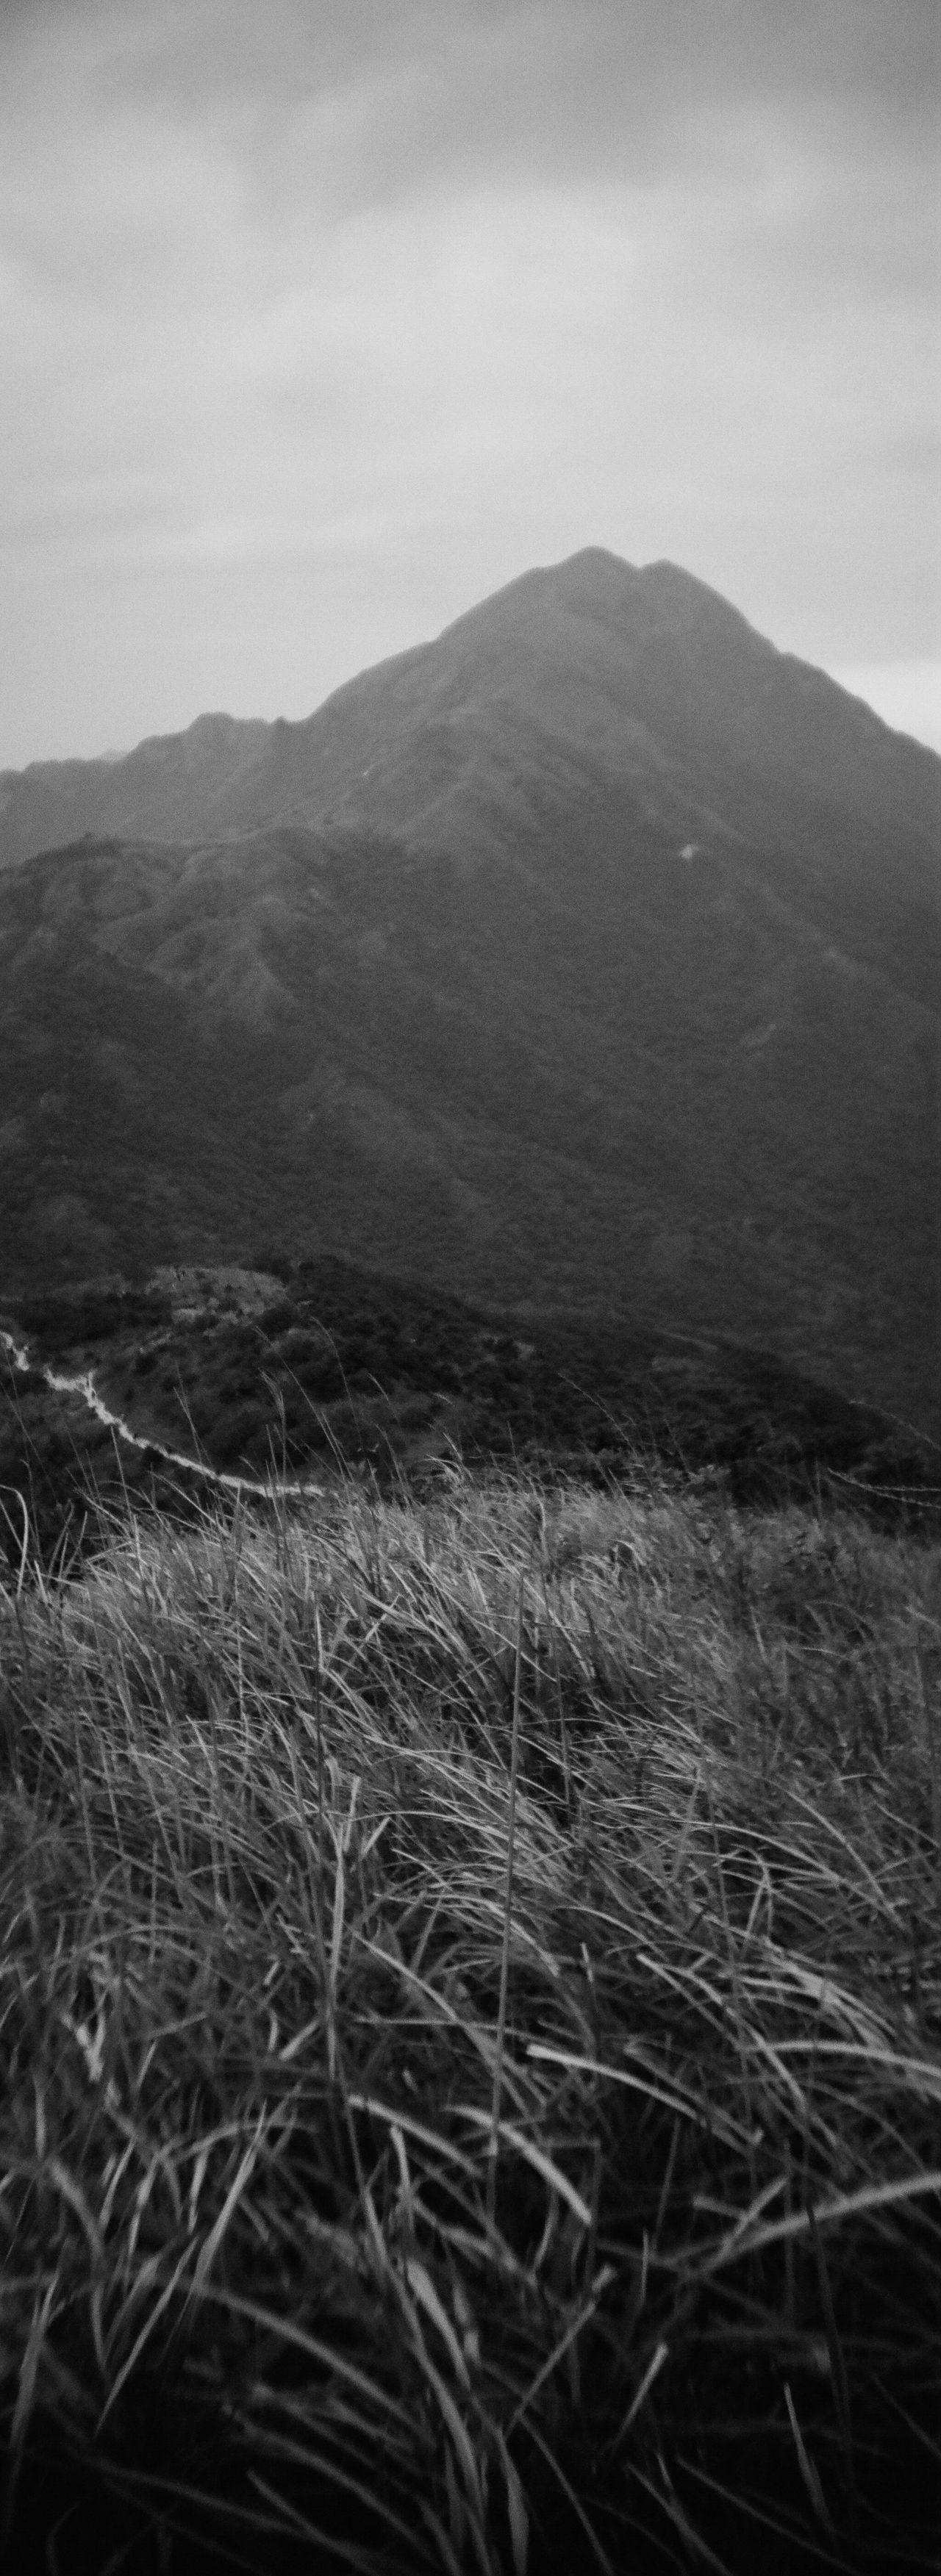 大東山 B&w Street Photography Film Photography HongKong Lomography Sprocket Rocket Panorama Ishotfilm